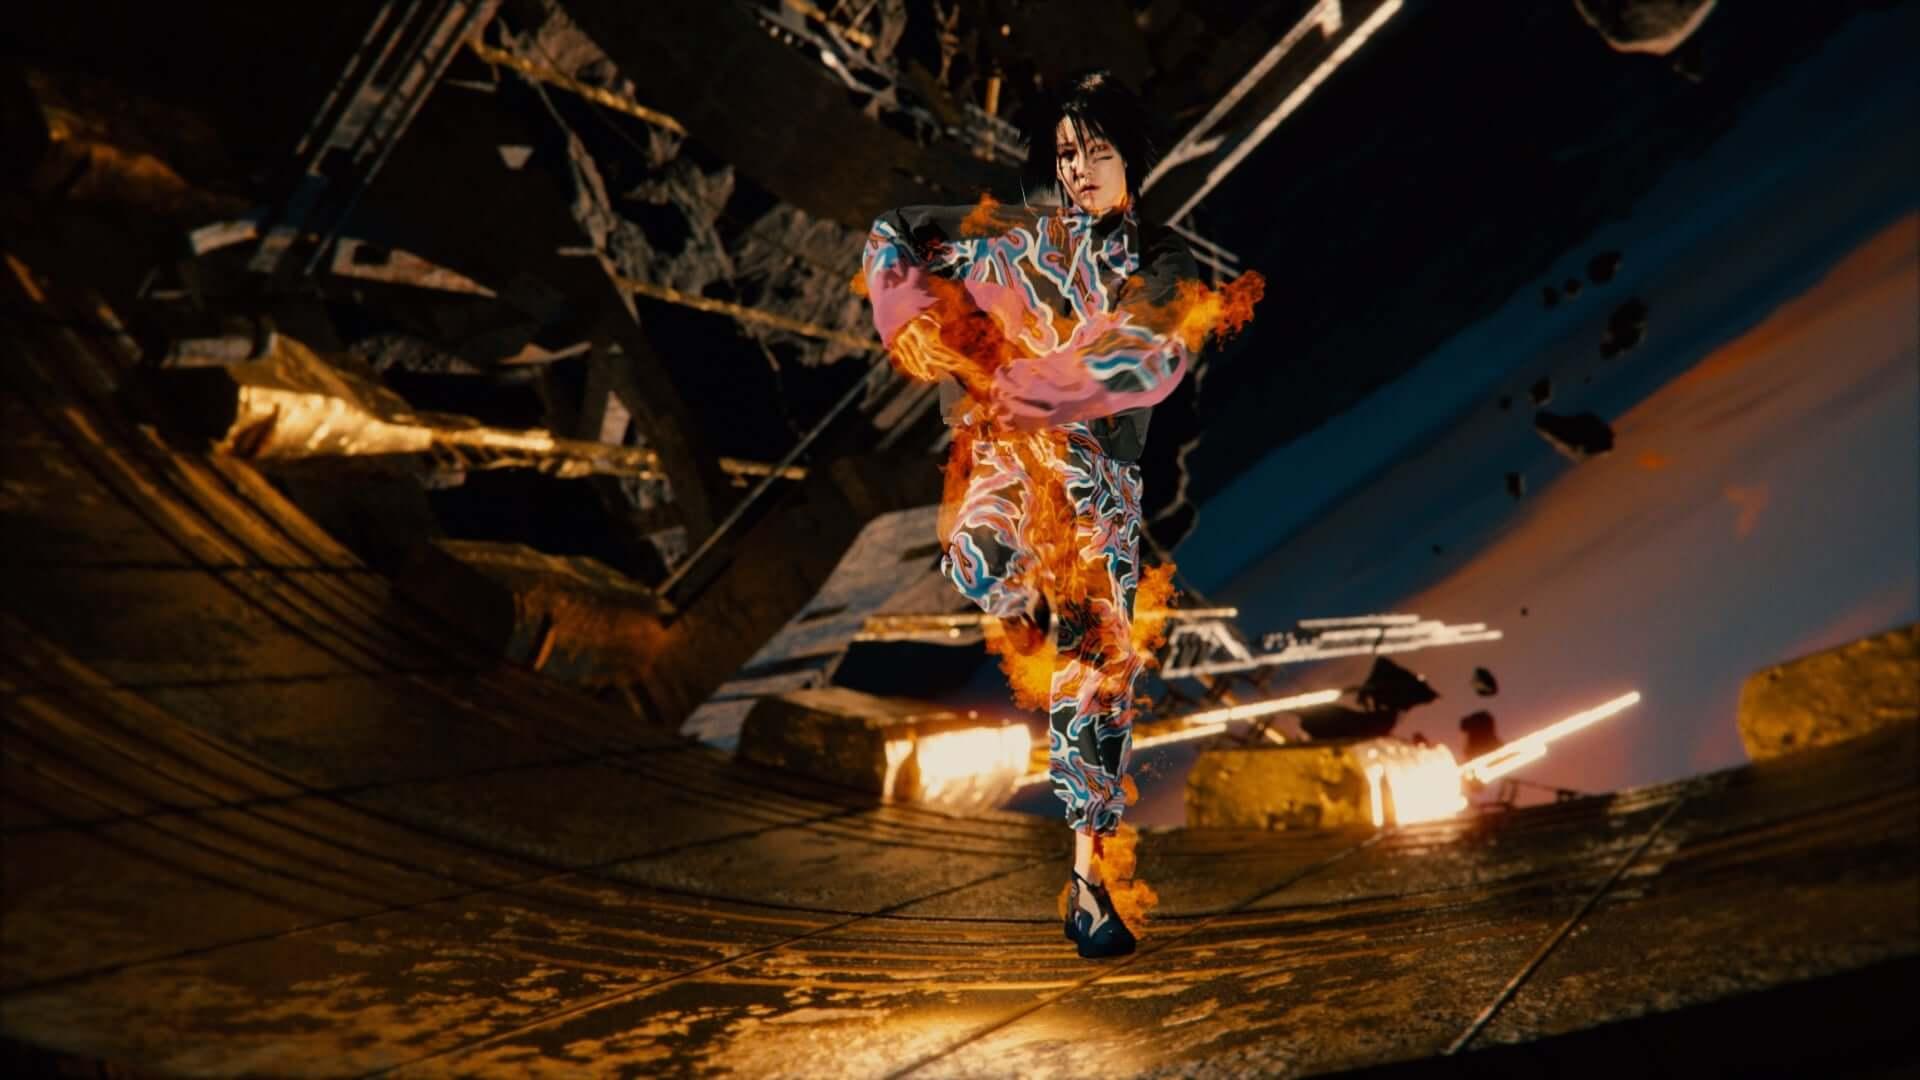 中国のスポーツブランド・LI-NINGがバーチャルショーのランウェイ映像を公開!メディアアーティストのルー・ヤンも参加 lf201007_li-ning_48-1920x1080